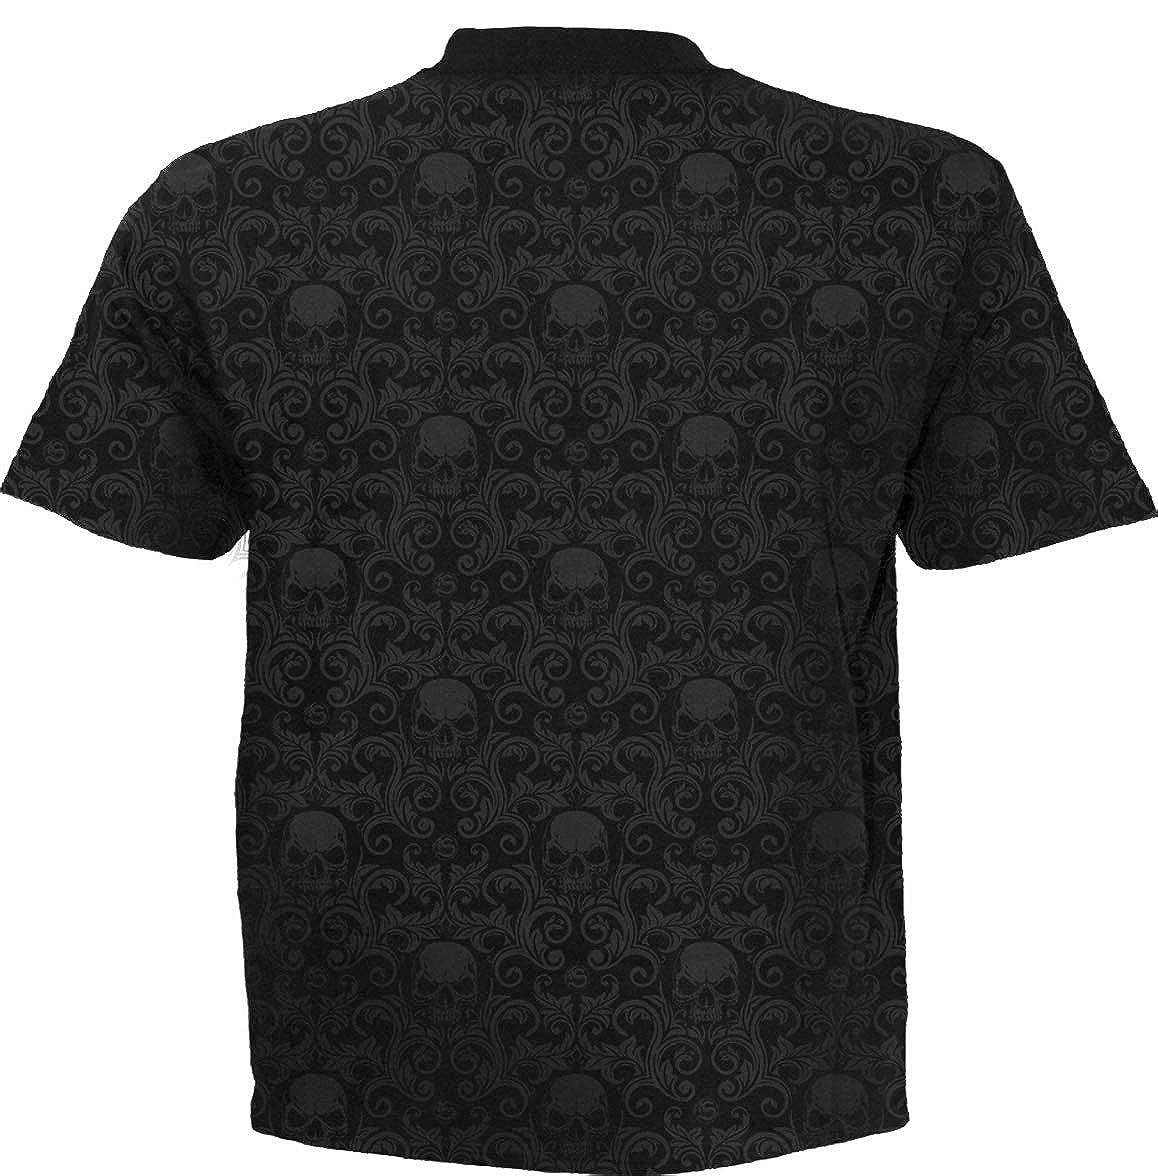 Scroll Impression T-Shirt Spiral Urban Fashion